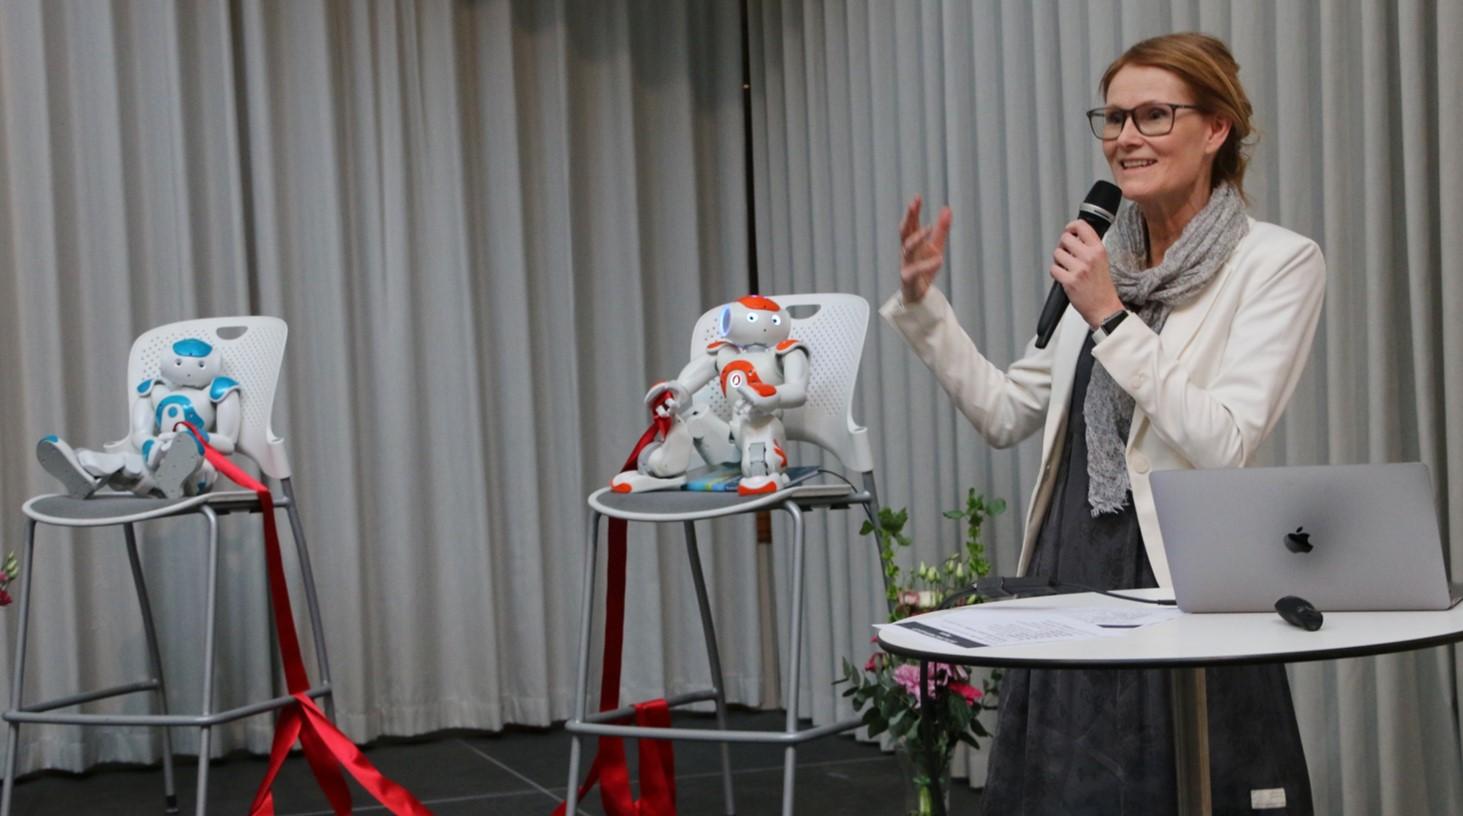 Helena Lindgren, professor, Datavetenskap, Umeå universitet.